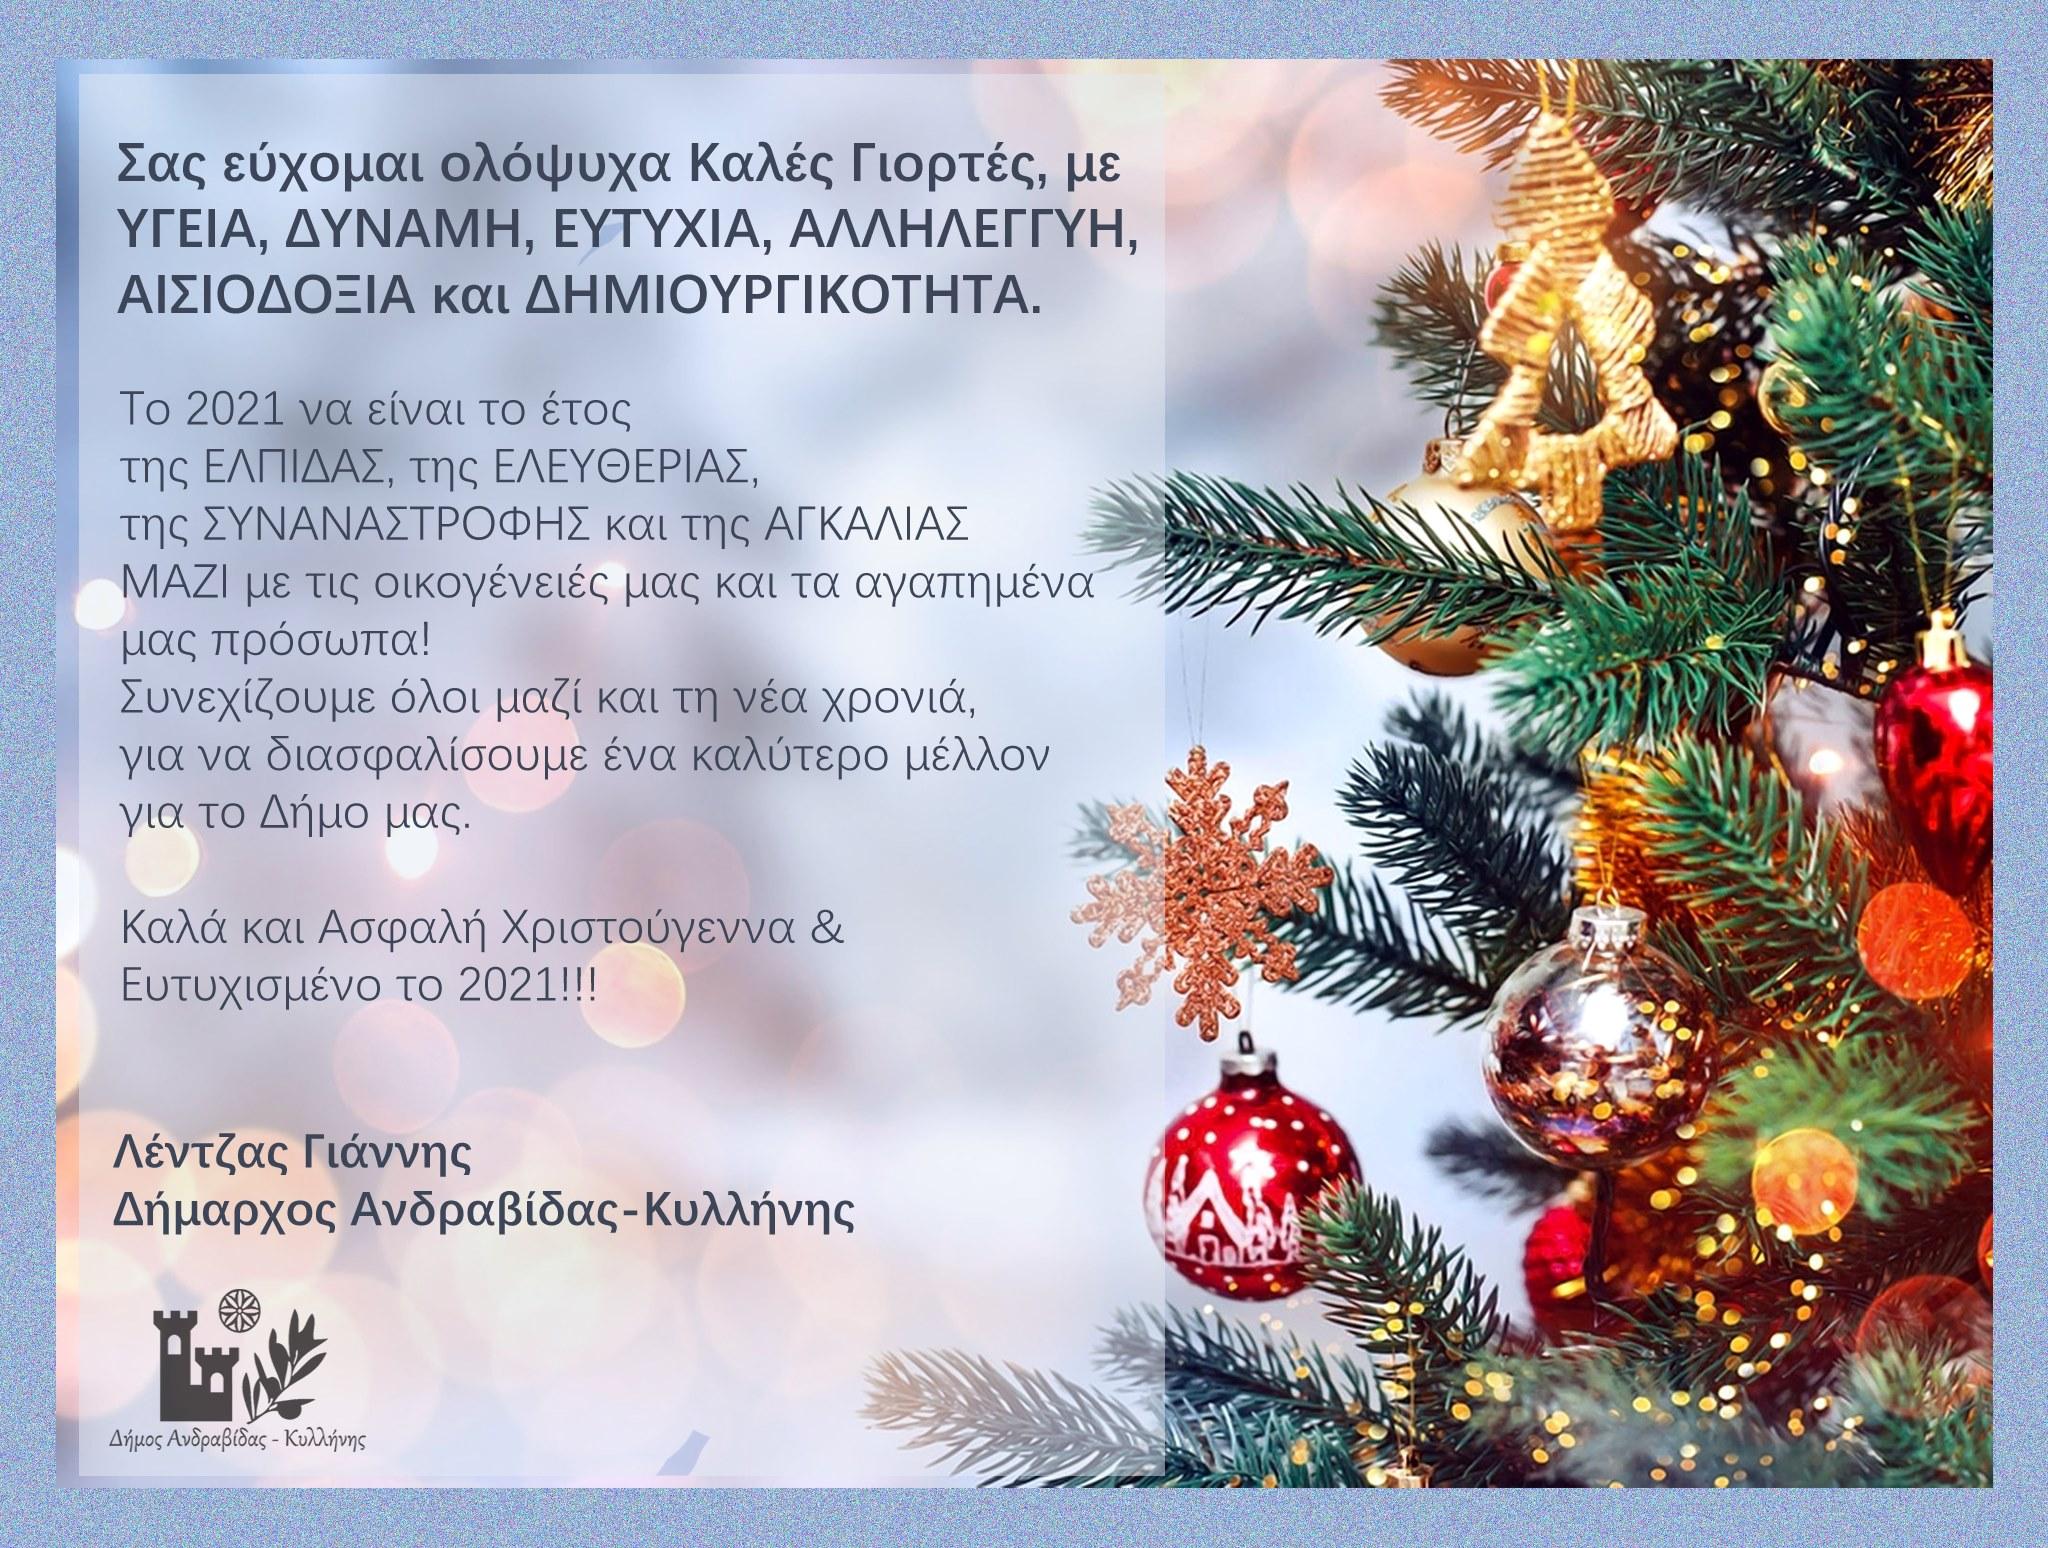 Ευχές Χριστουγέννων και Πρωτοχρονιάς Δημάρχου Ανδραβίδας-Κυλλήνης Γιάννη Λέντζα